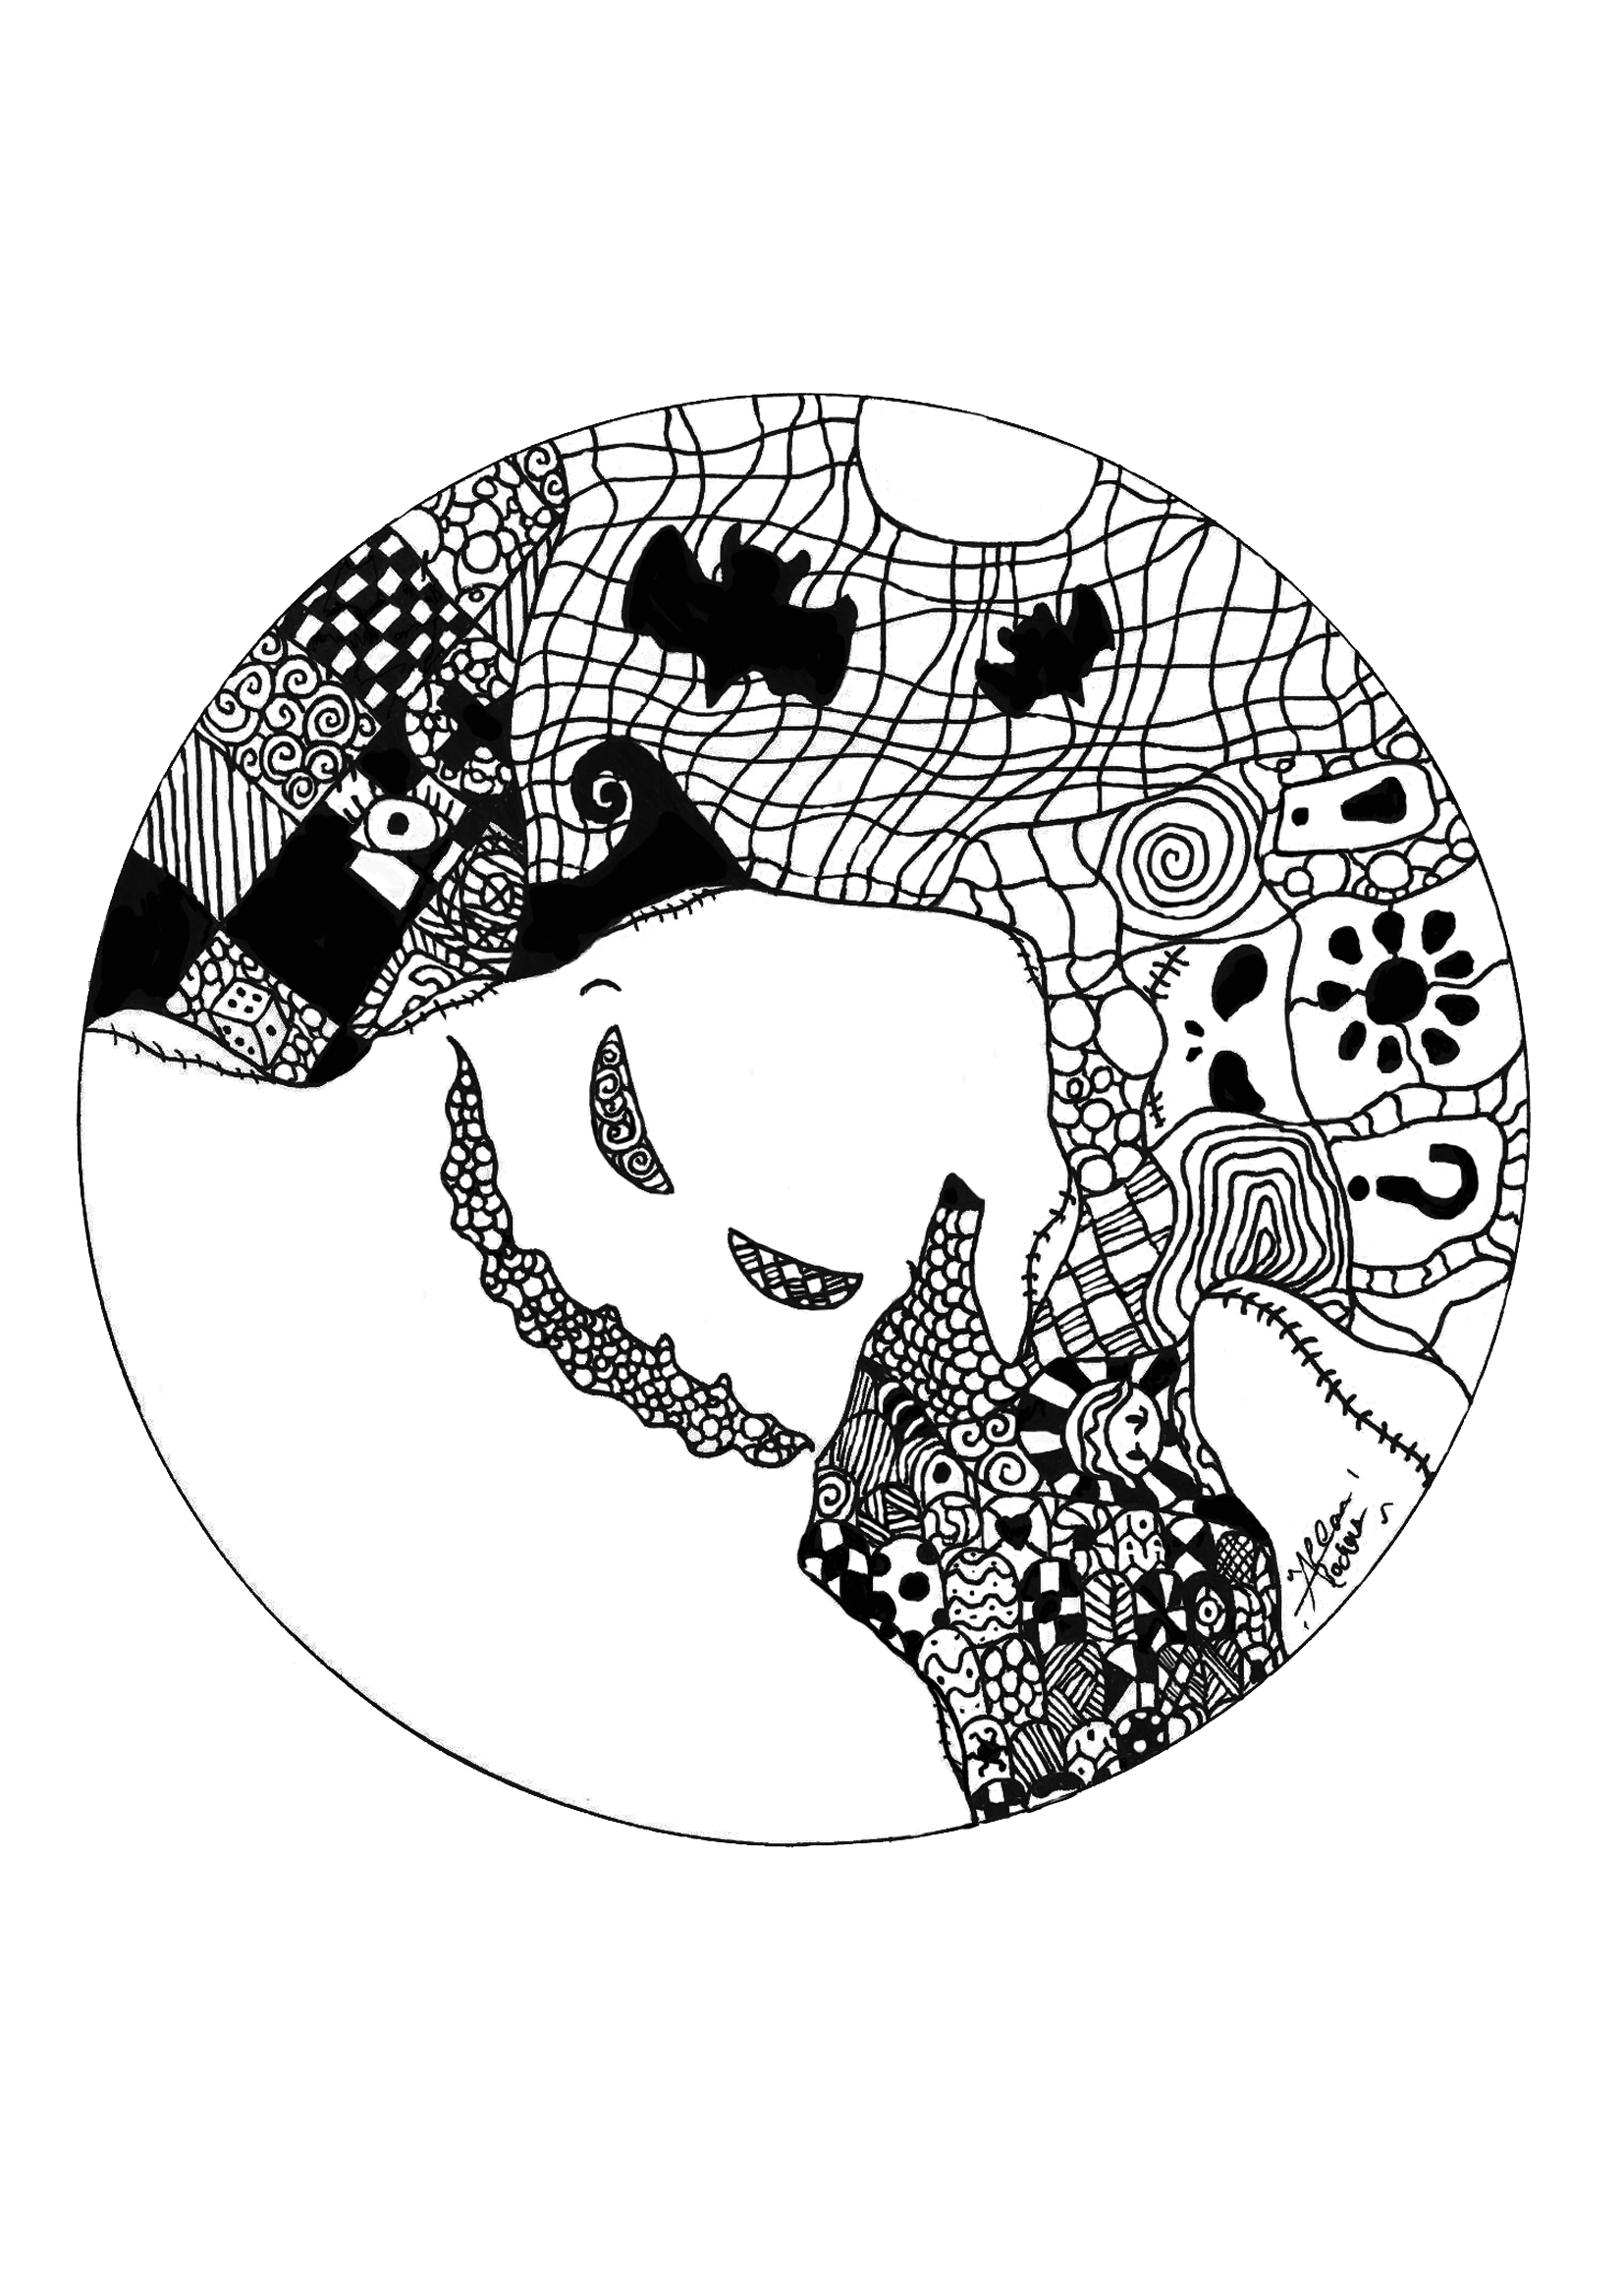 Mandala Fantome - Coloriage Mandalas - Coloriages Pour Enfants destiné Coloriage De Mandala Difficile A Imprimer